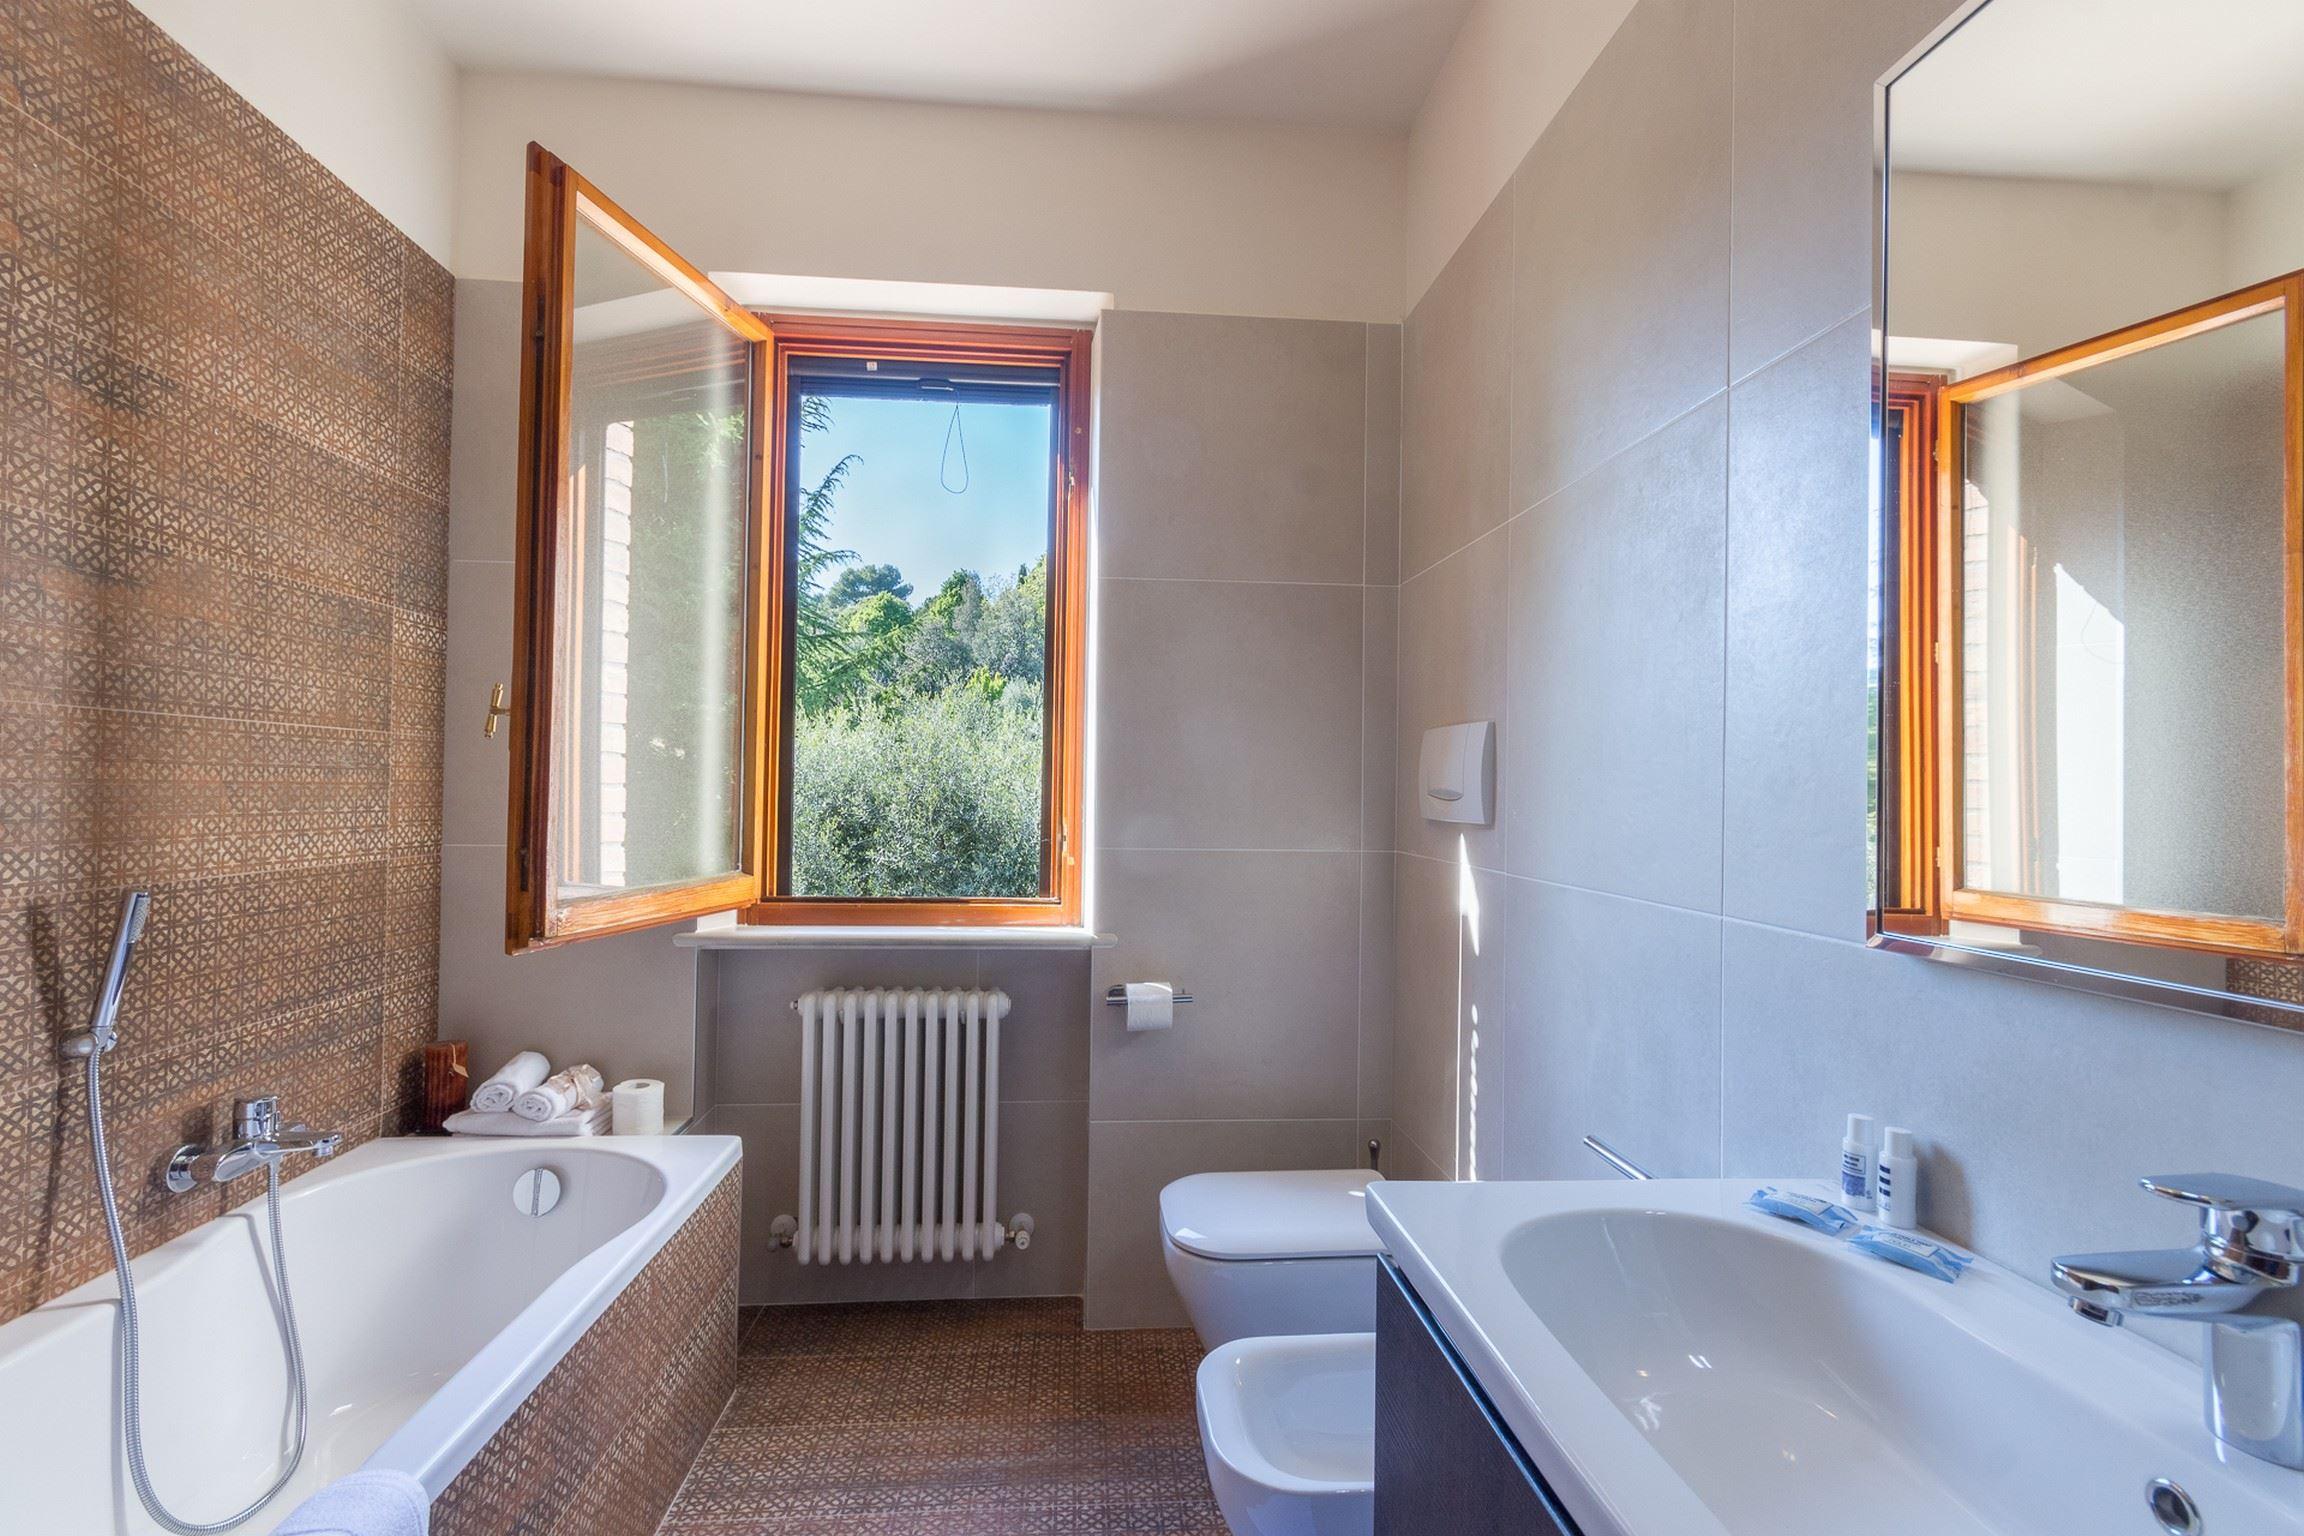 Ferienhaus VILLA MARINA (2195811), Pesaro, Pesaro und Urbino, Marken, Italien, Bild 13